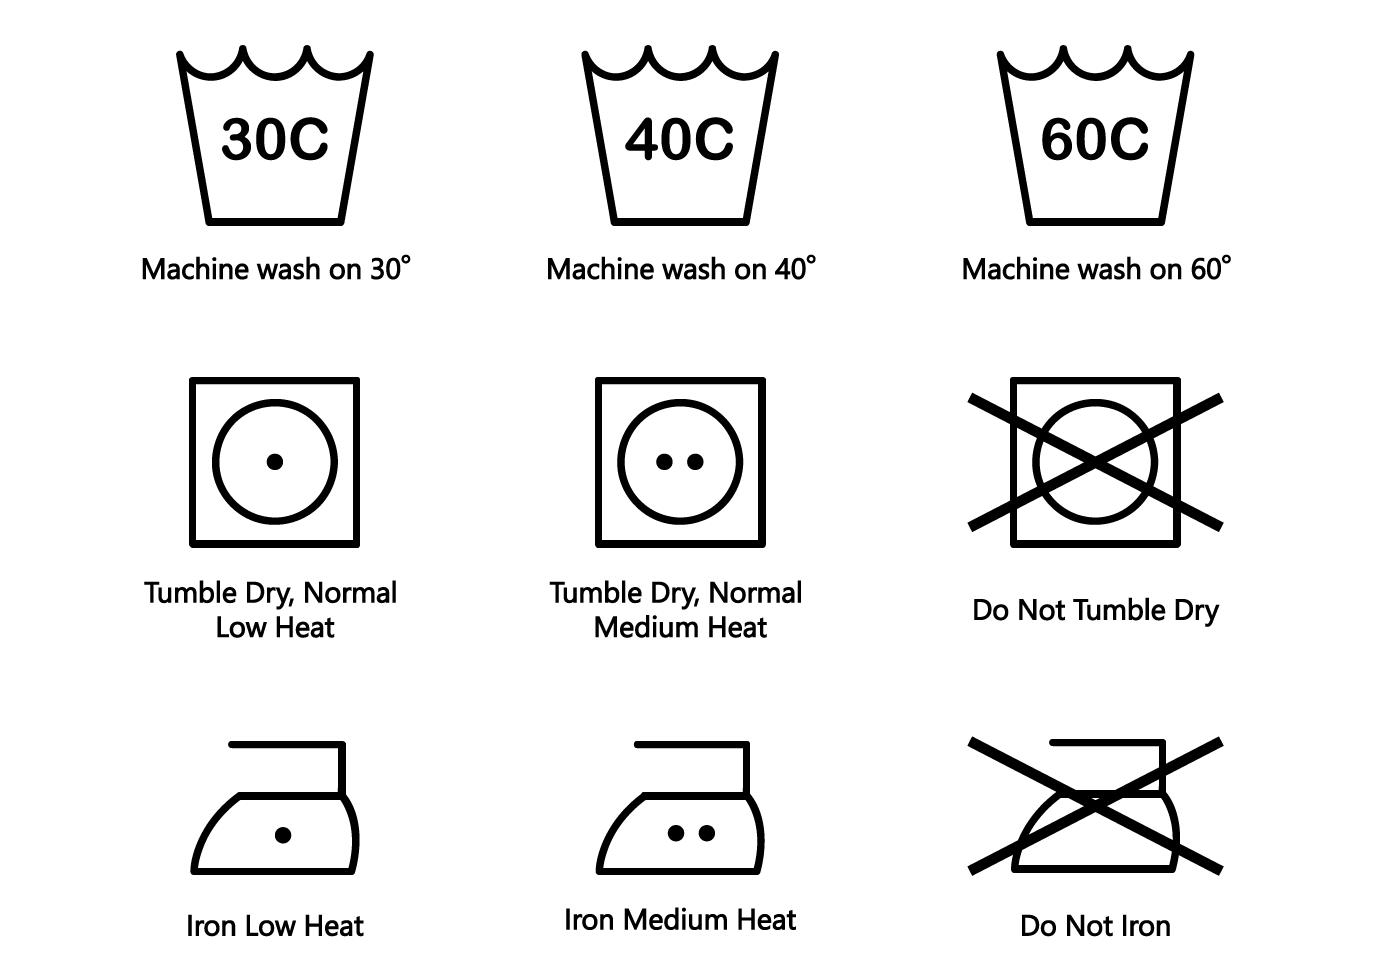 Pin Washing Symbols